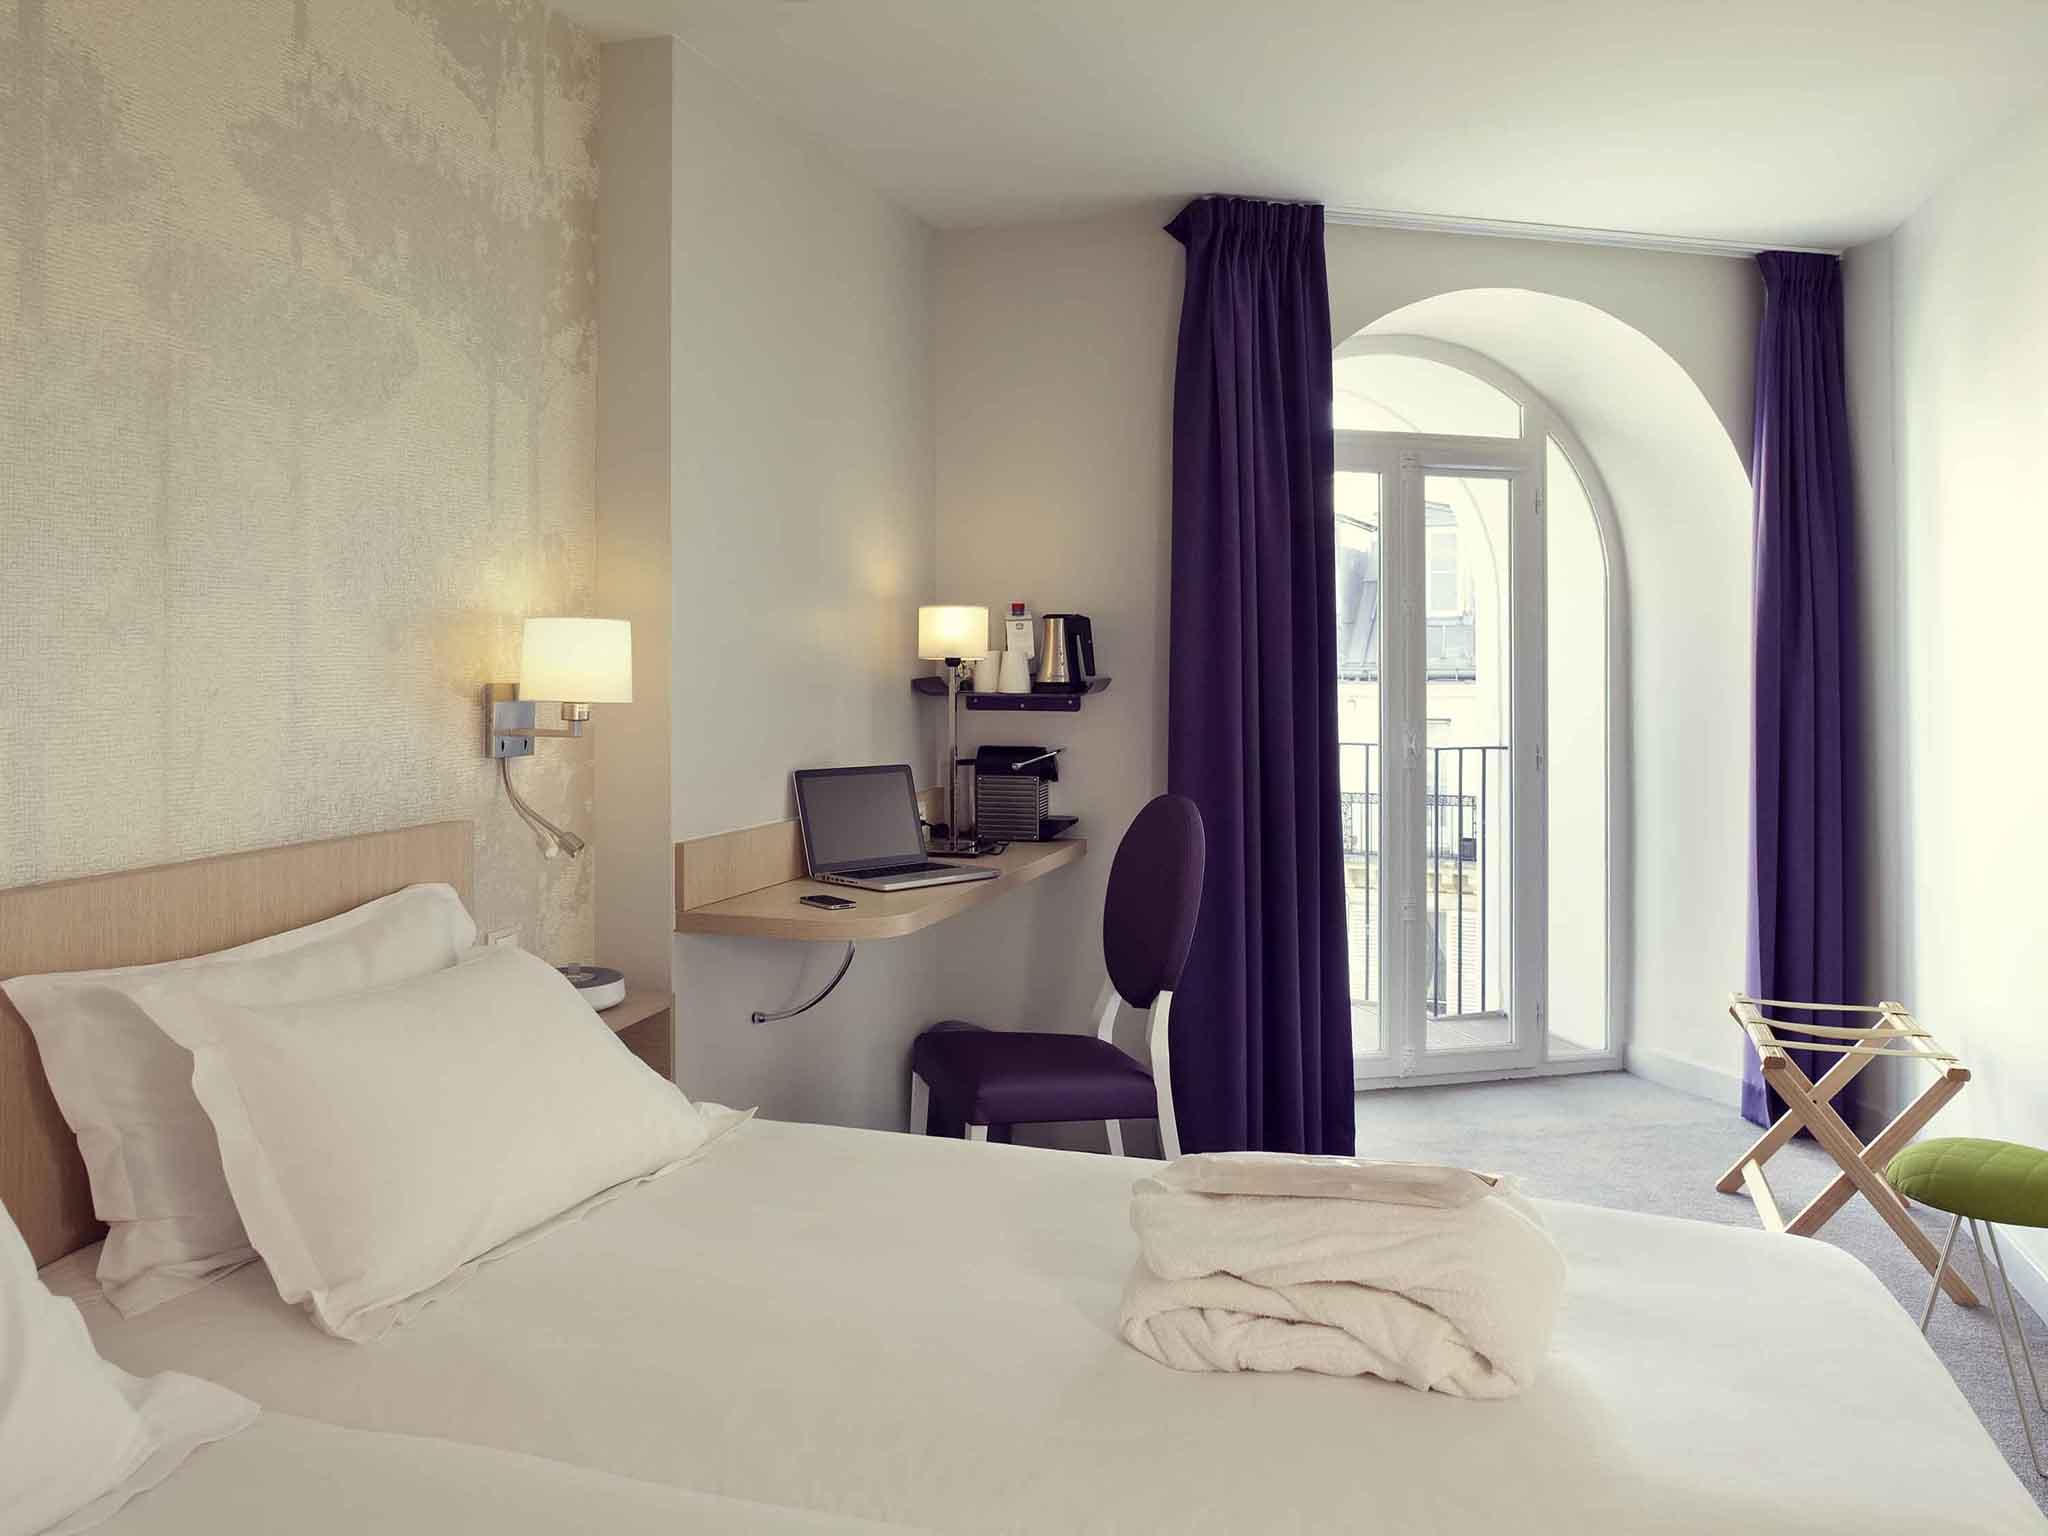 Hotel - Mercure Paris Notre Dame Saint Germain des Prés